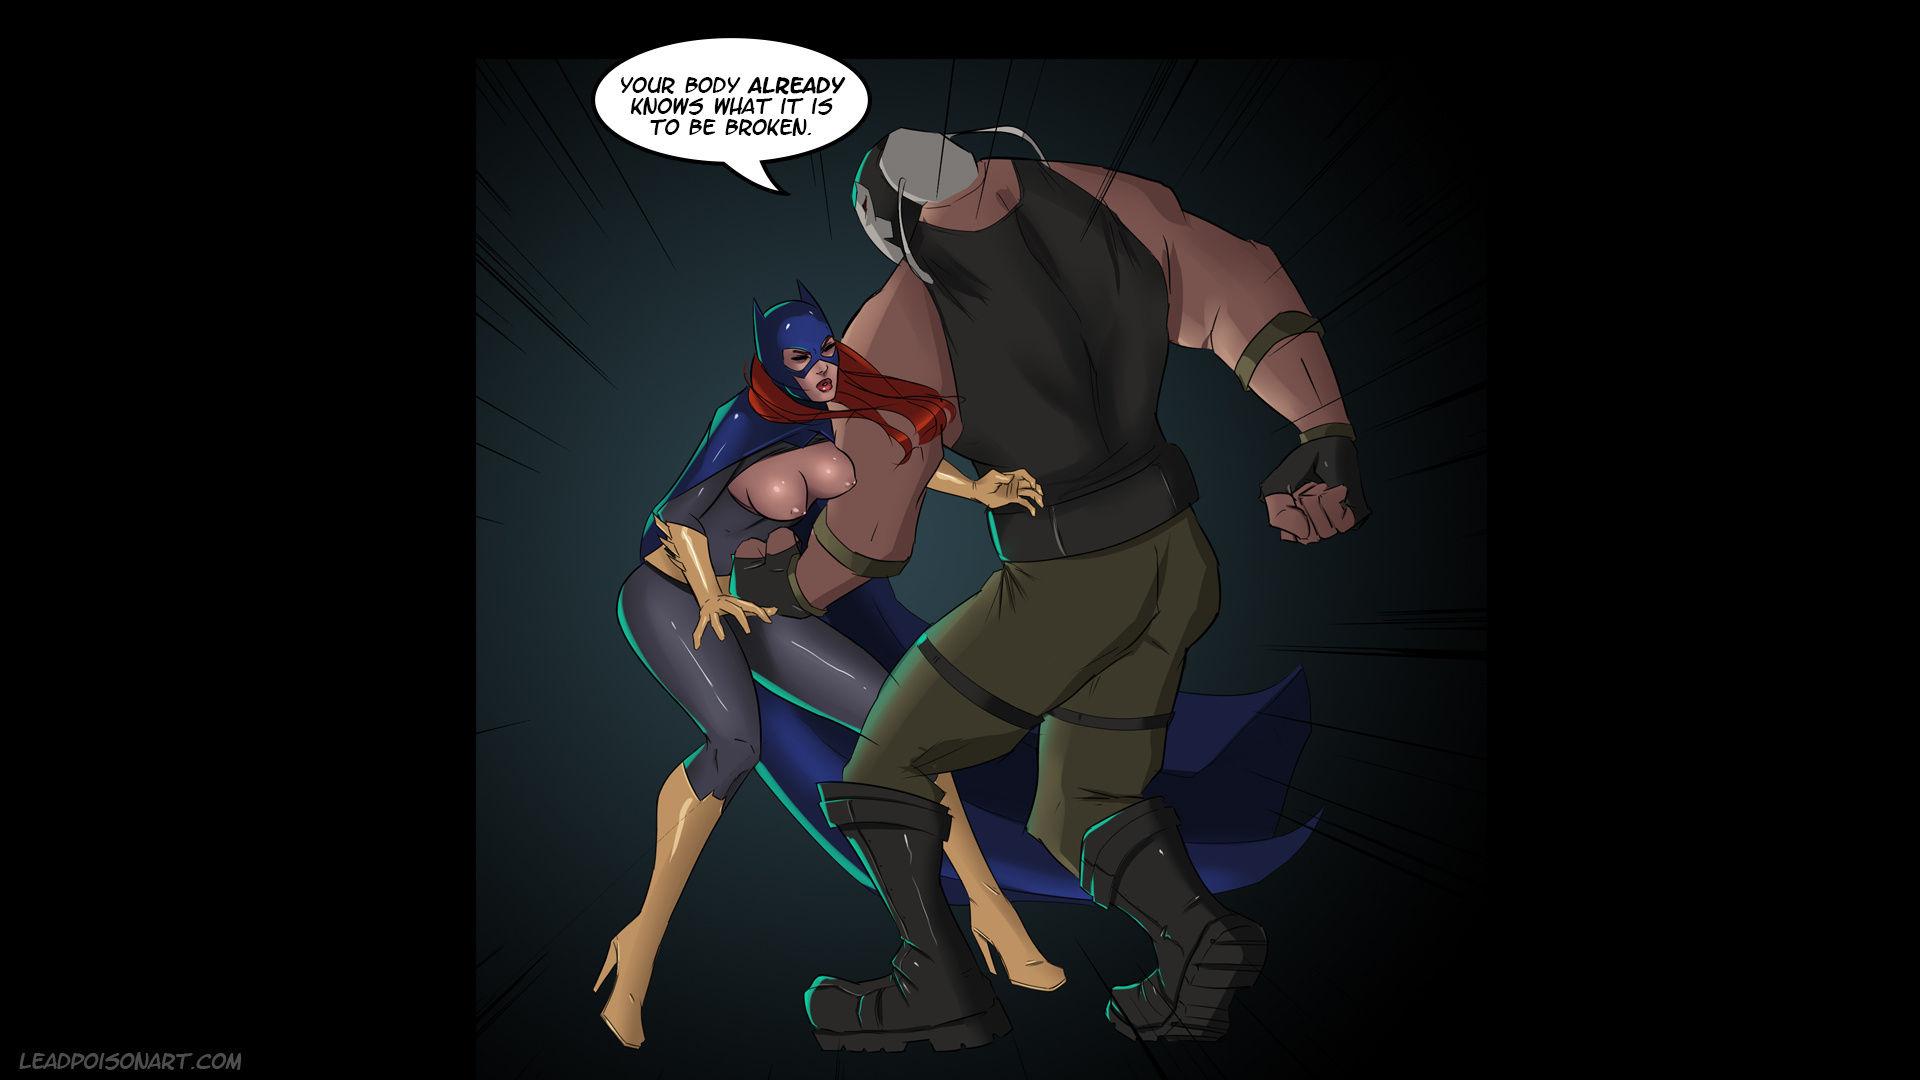 Slave crisis 2 porn comic picture 6